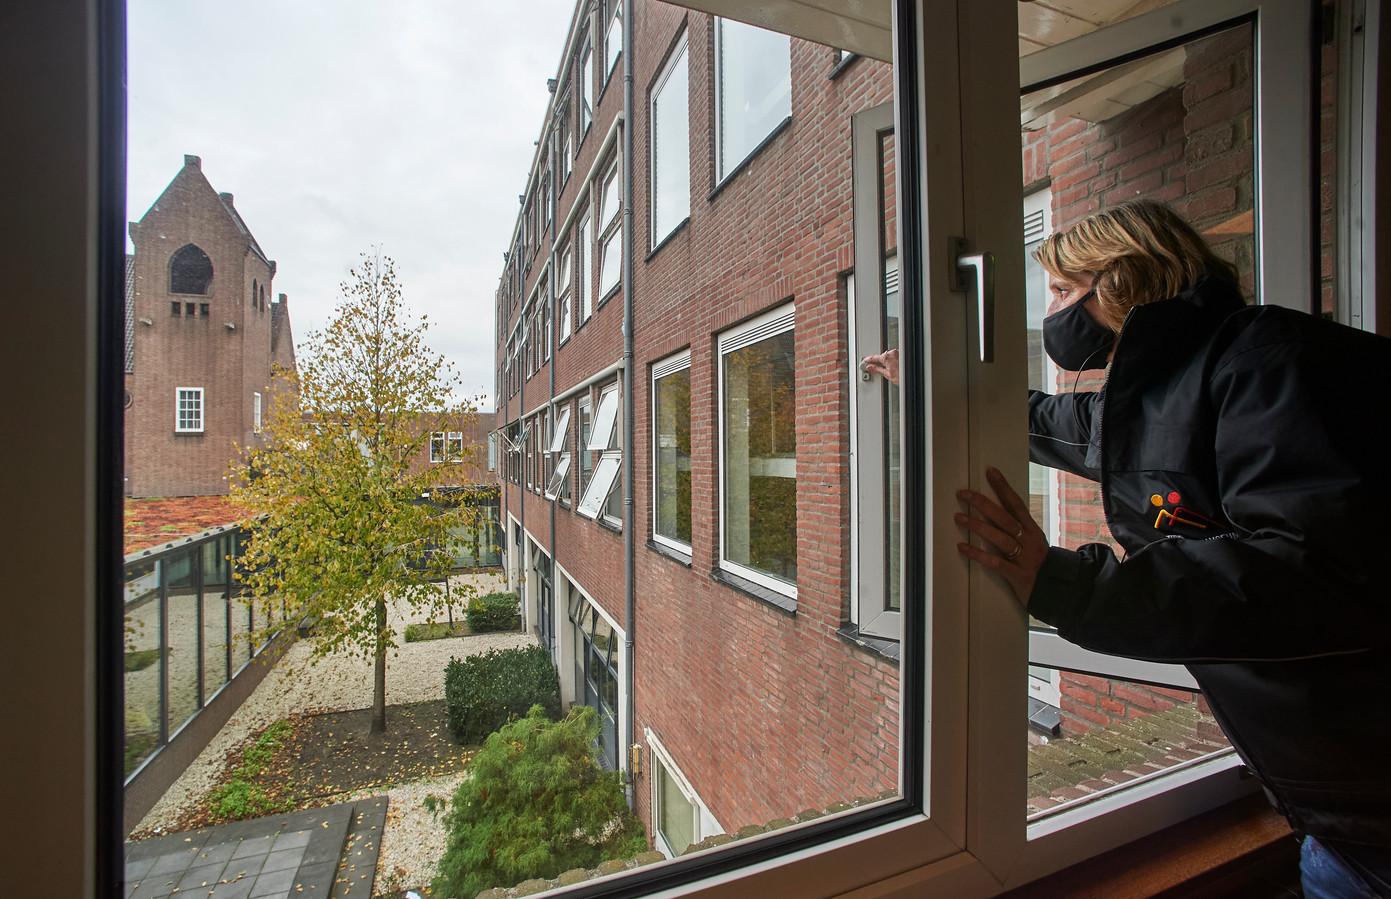 Ventilatie in scholen. Op de foto Paula Bast (Repro/concierge) die ramen opent op het Titus Brandsma Lyceum TBL te Oss. Fotograaf: Van Assendelft/Jeroen Appels